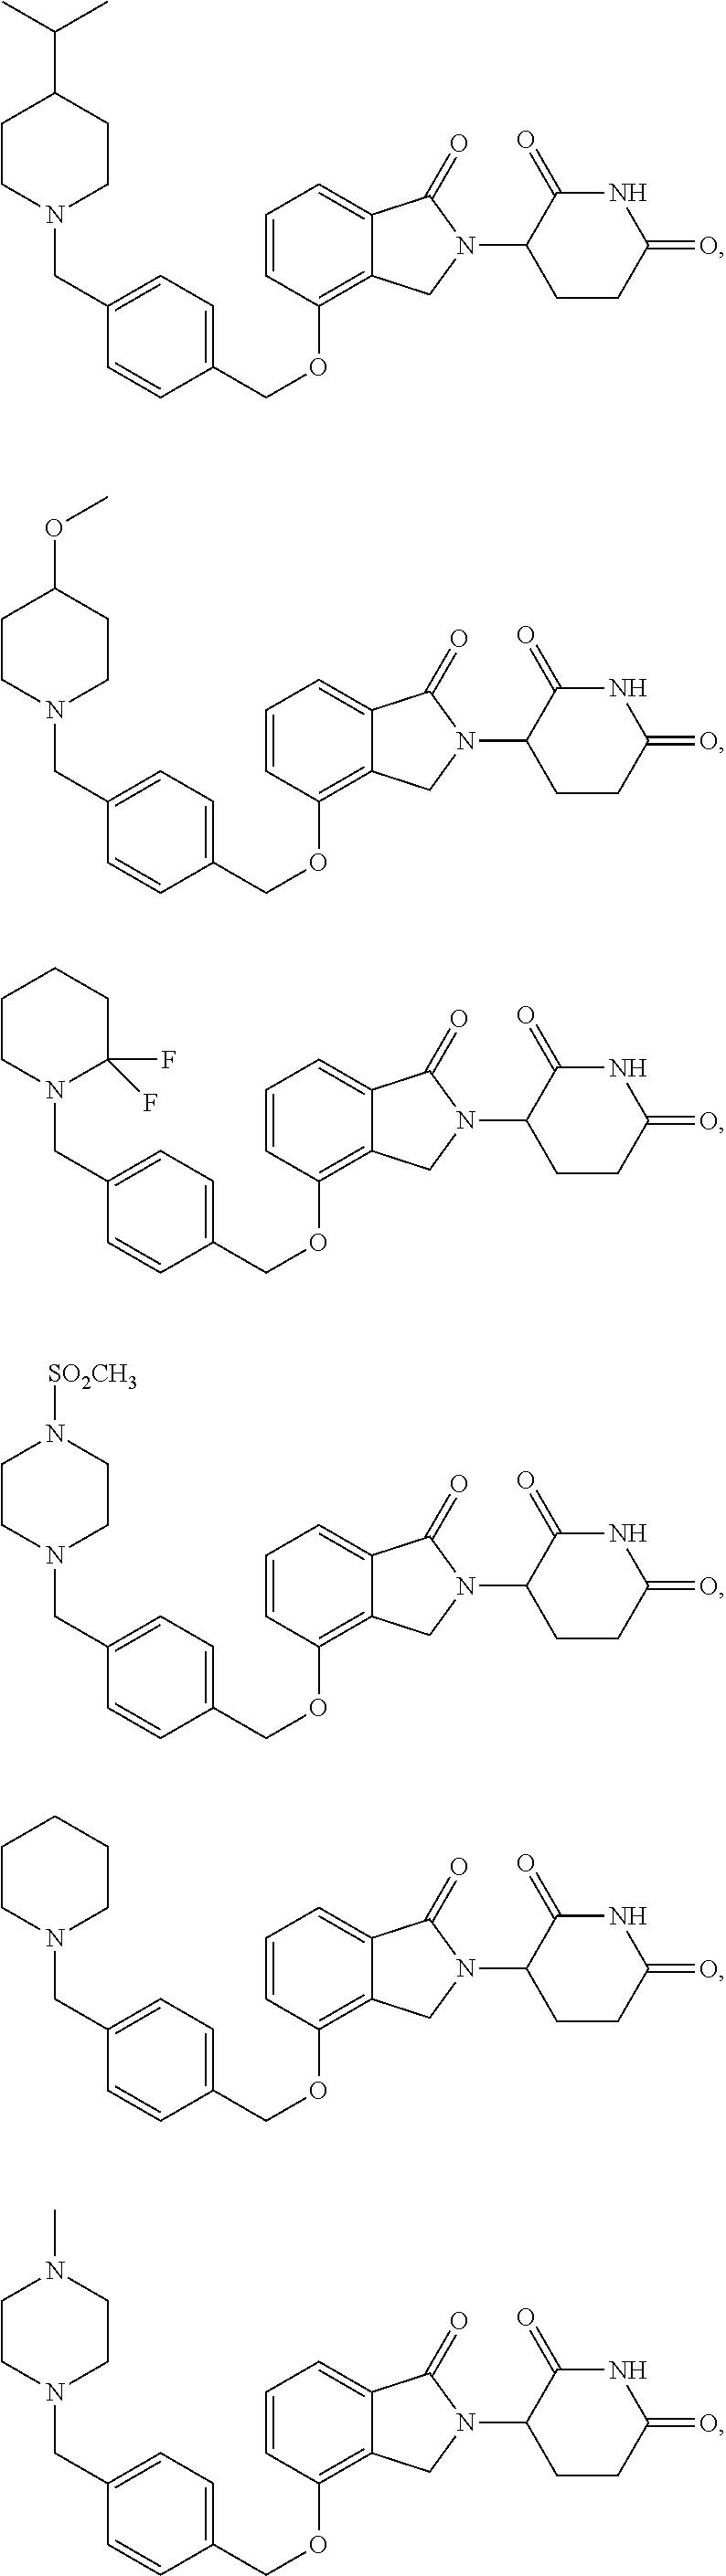 Figure US09587281-20170307-C00082